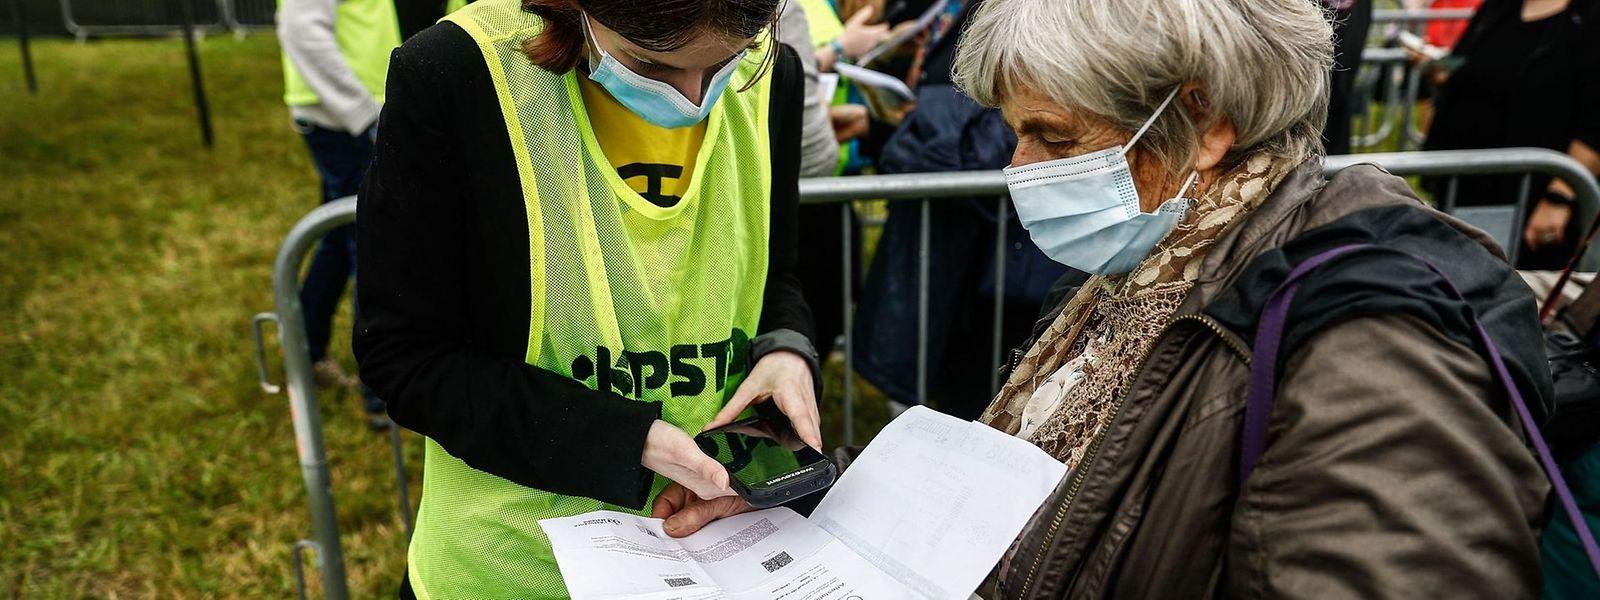 Jusque-là limité à certains évènements rassemblant du public, comme les festivals, le Covid Safe Ticket sera obligatoire à l'automne dans d'autres secteurs d'activité.